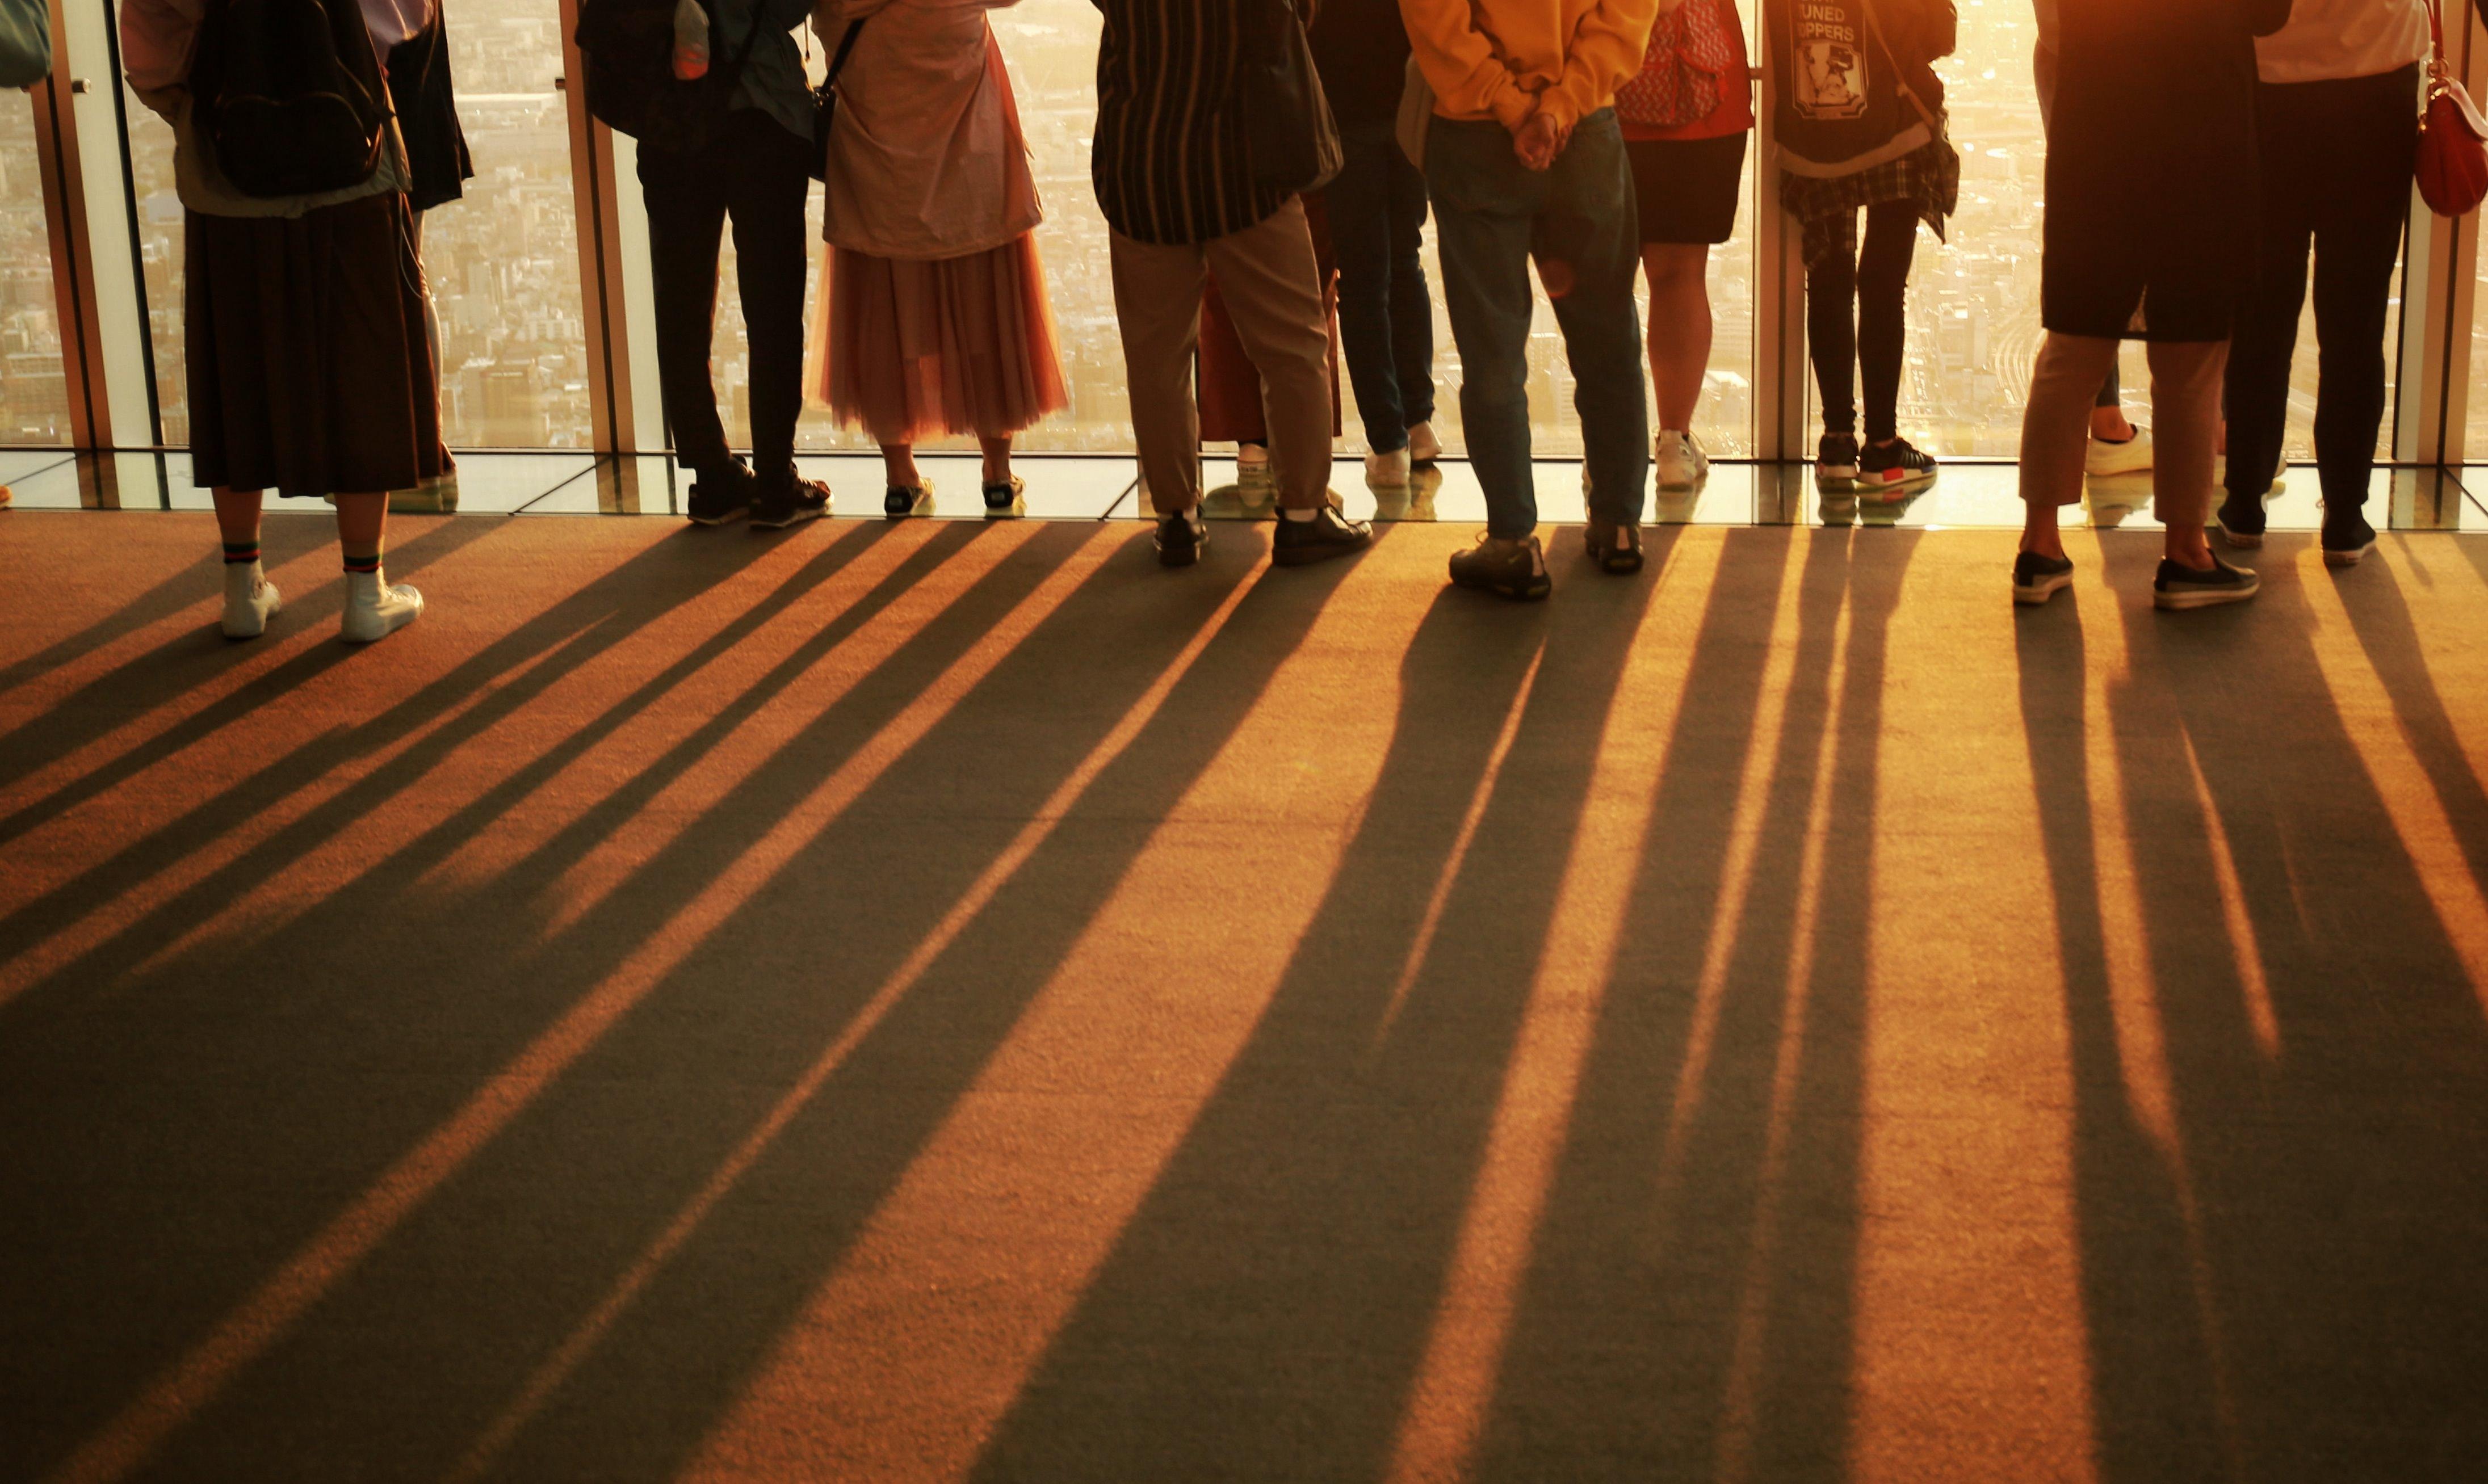 「夕焼けに染まる絨毯に伸びる影」の写真